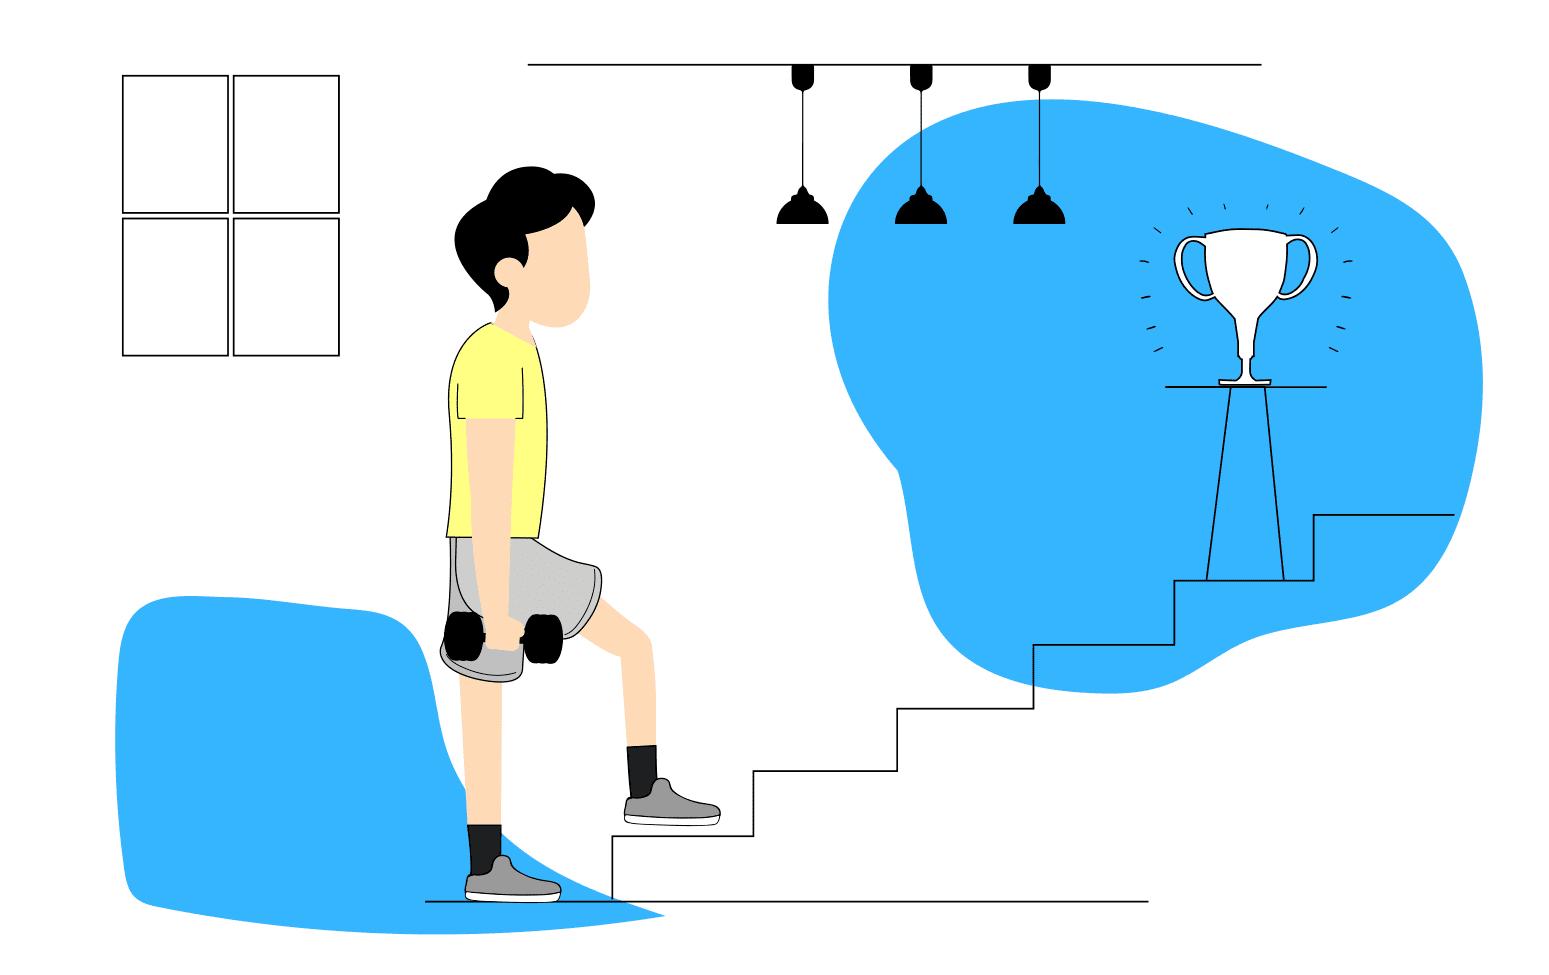 Persona-con-pesas-subiendo-escaleras